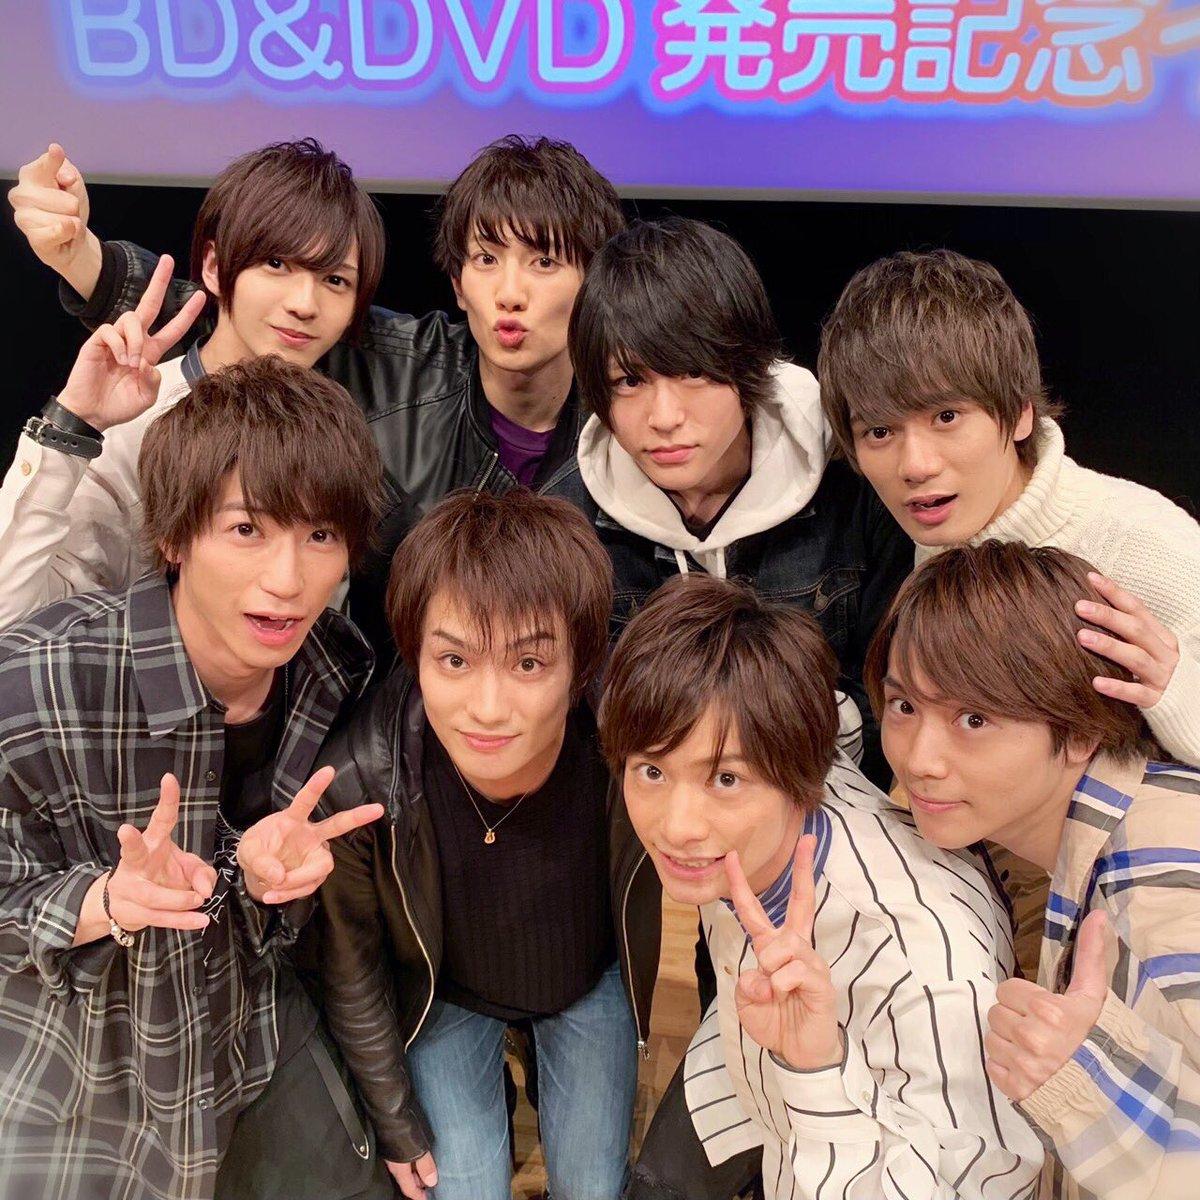 test ツイッターメディア - あんステフェス DVDリリースイベント in 大阪 御来場くださり ありがとうございました..!!!  こうして想い出を噛み締められる時間を設けてもらえることが幸せです  末永く、あんステが これからも皆さまに愛され 続いていける舞台であることを祈り バトンを繋いでいきたいと思えた時間でした!⚓︎ https://t.co/5hiTPJViPL